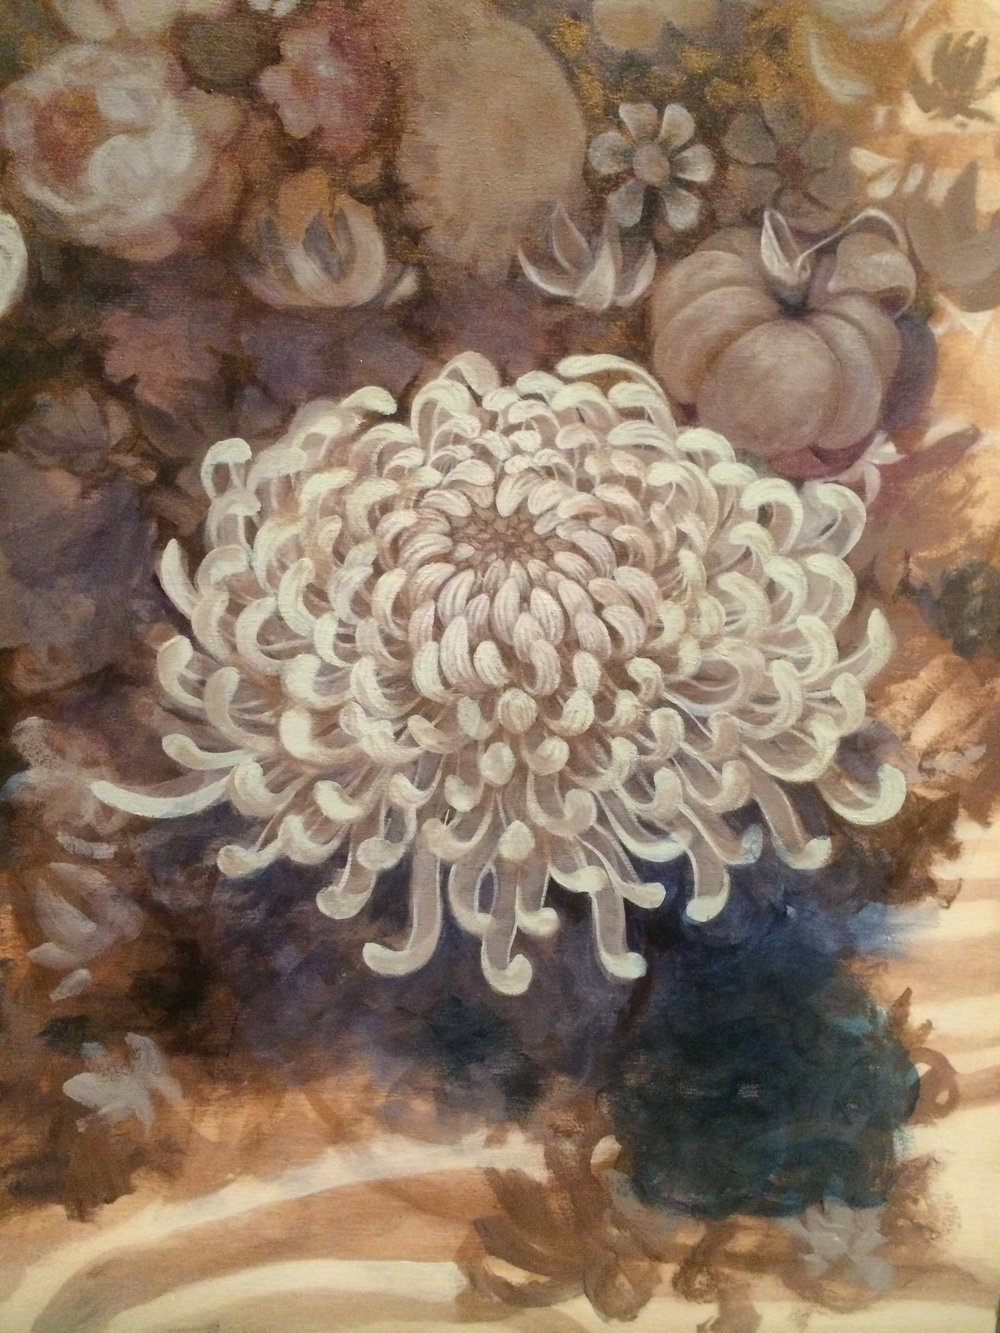 Detail of chrysanthemum.